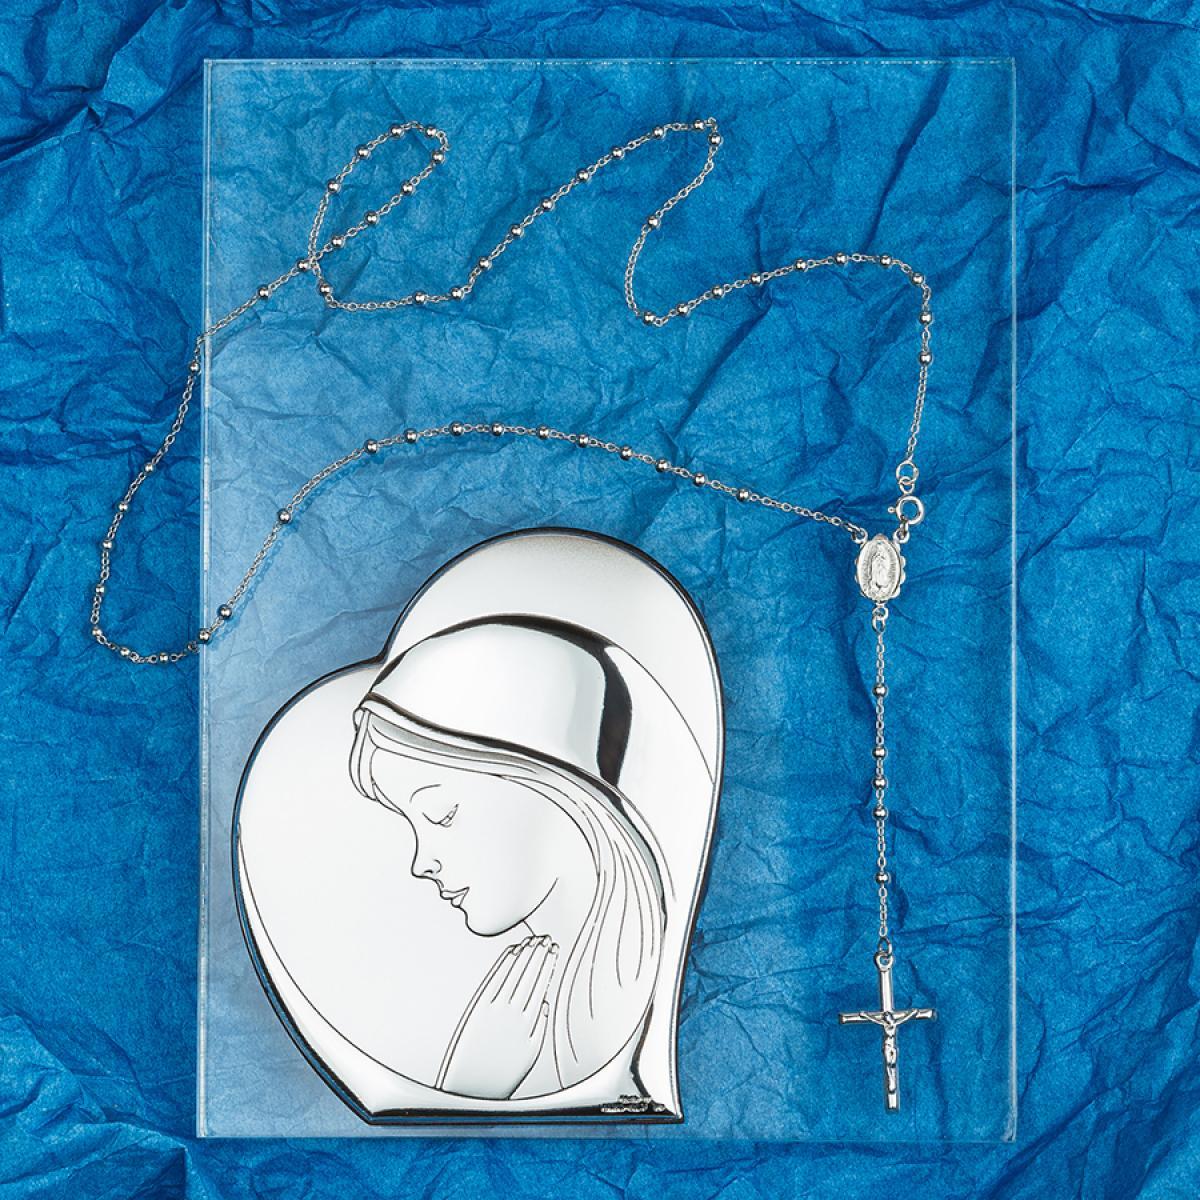 Подаруковий набір ``Срібна ікона Богородиці + срібна вервиця``